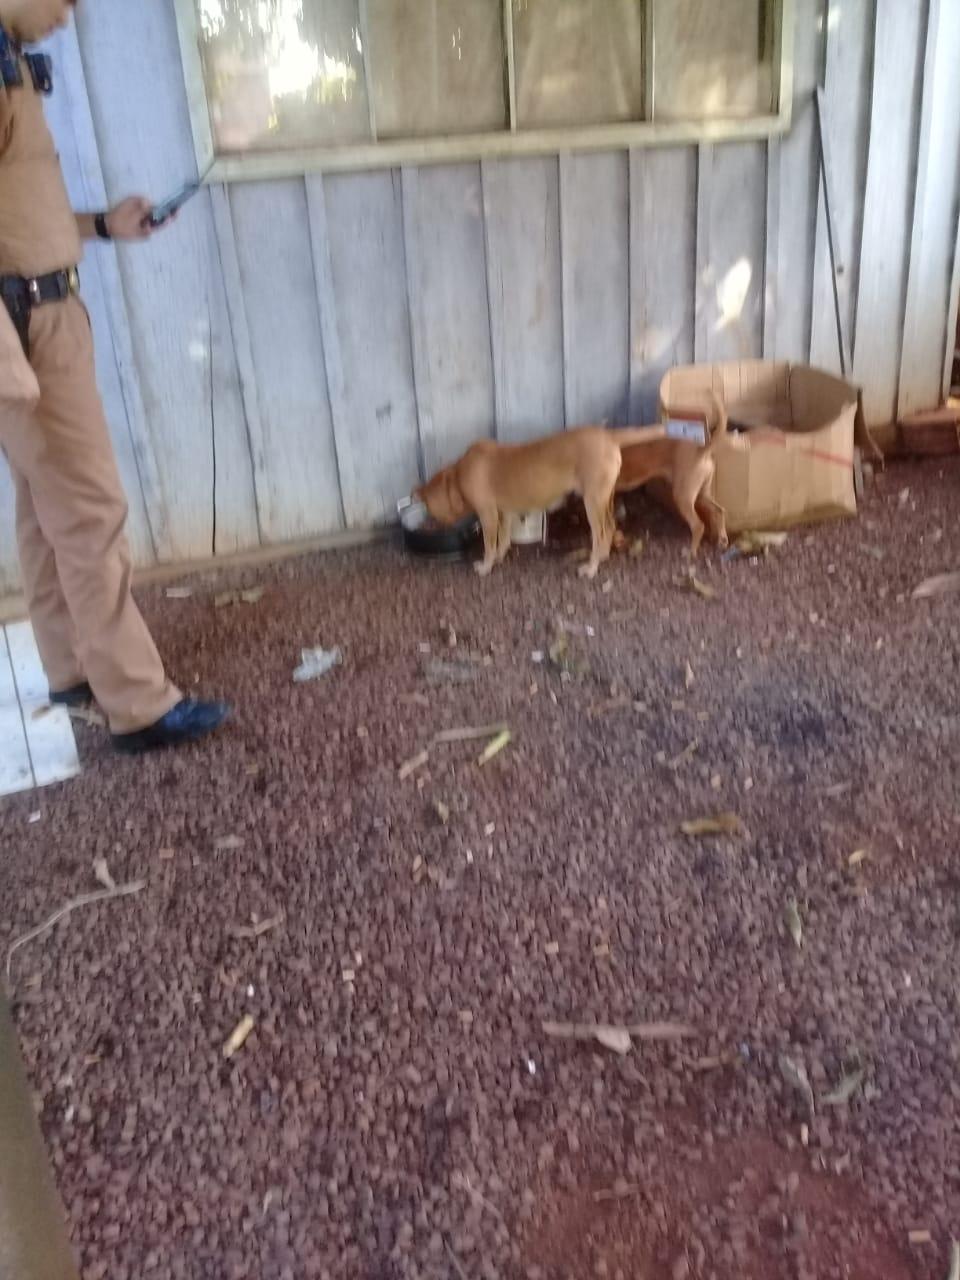 ONG registra situação de maus tratos de animais: voluntária fala sobre o caso que é reincidente